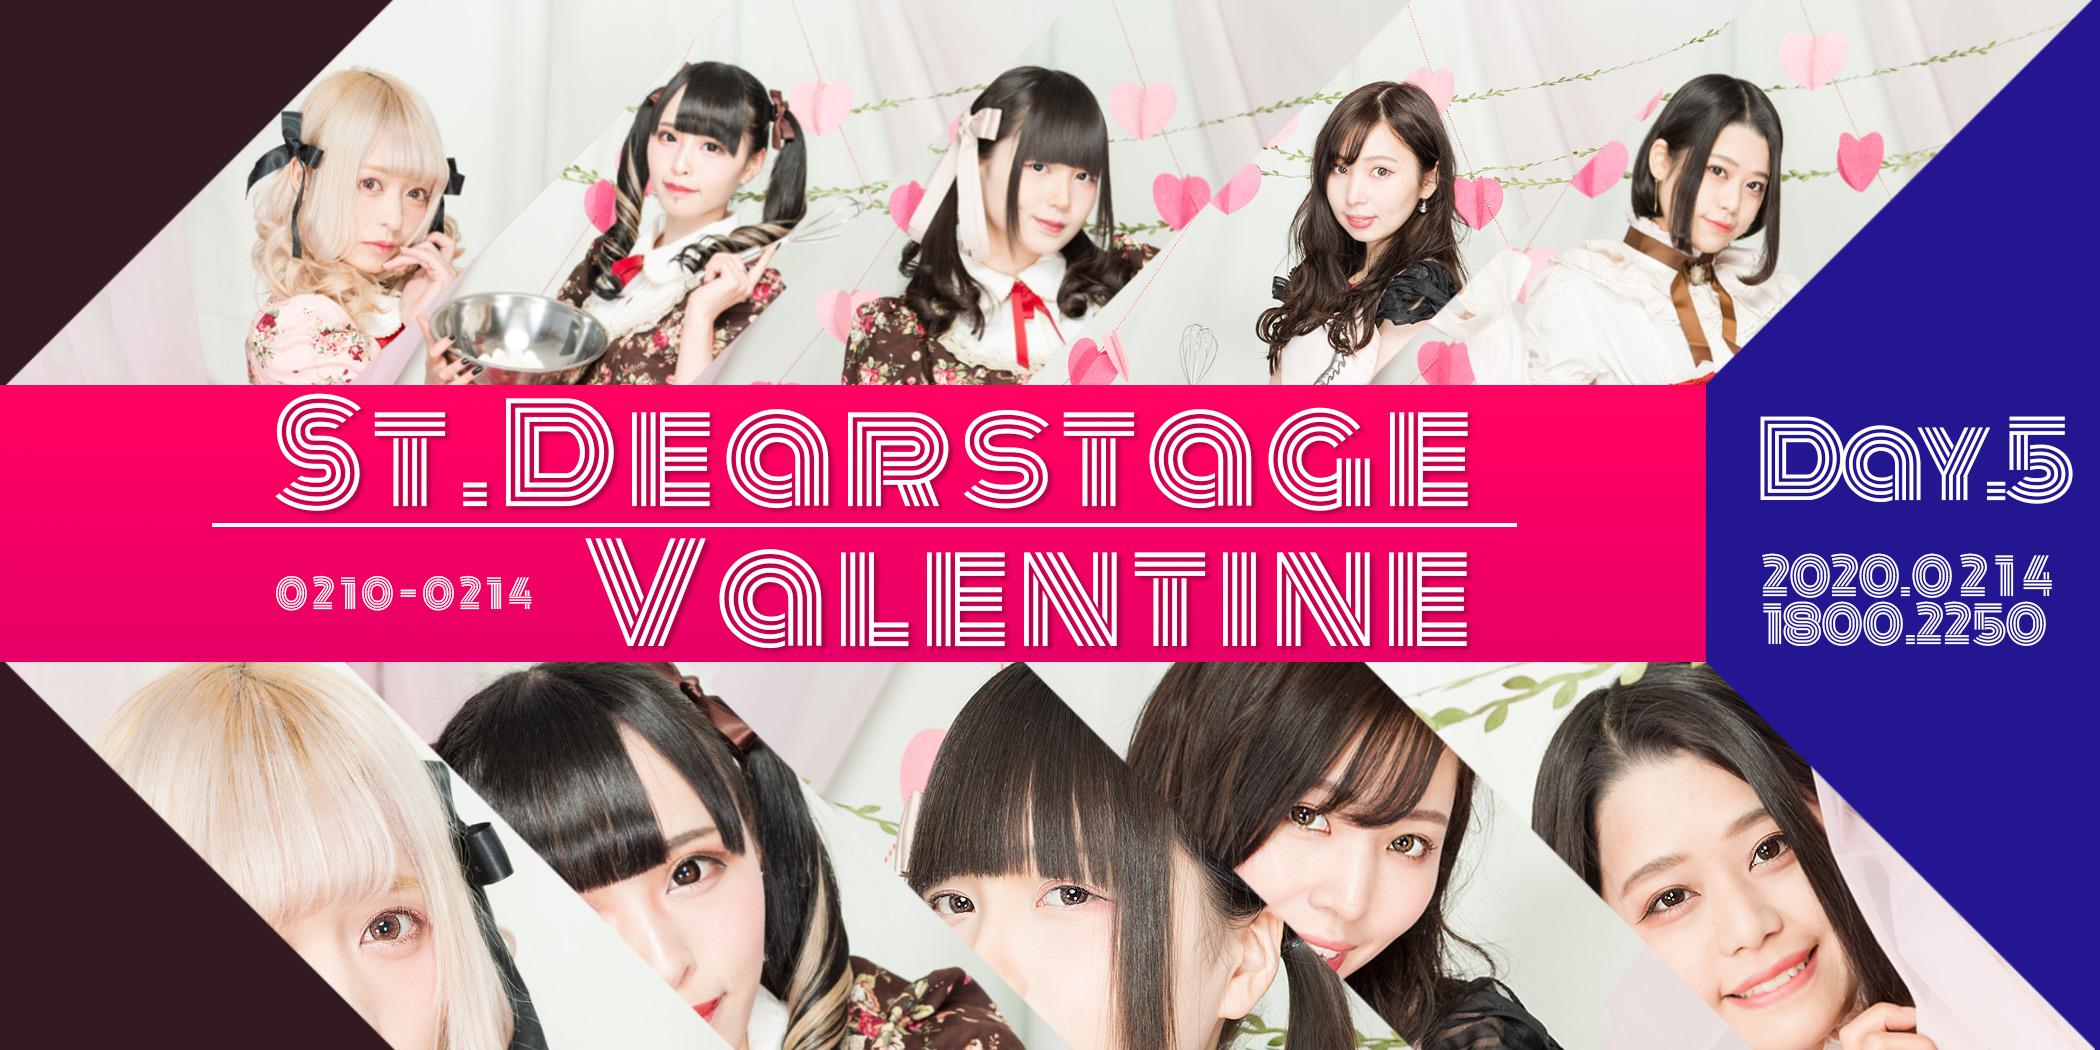 St. DEARSTAGE VALENTINE Day5